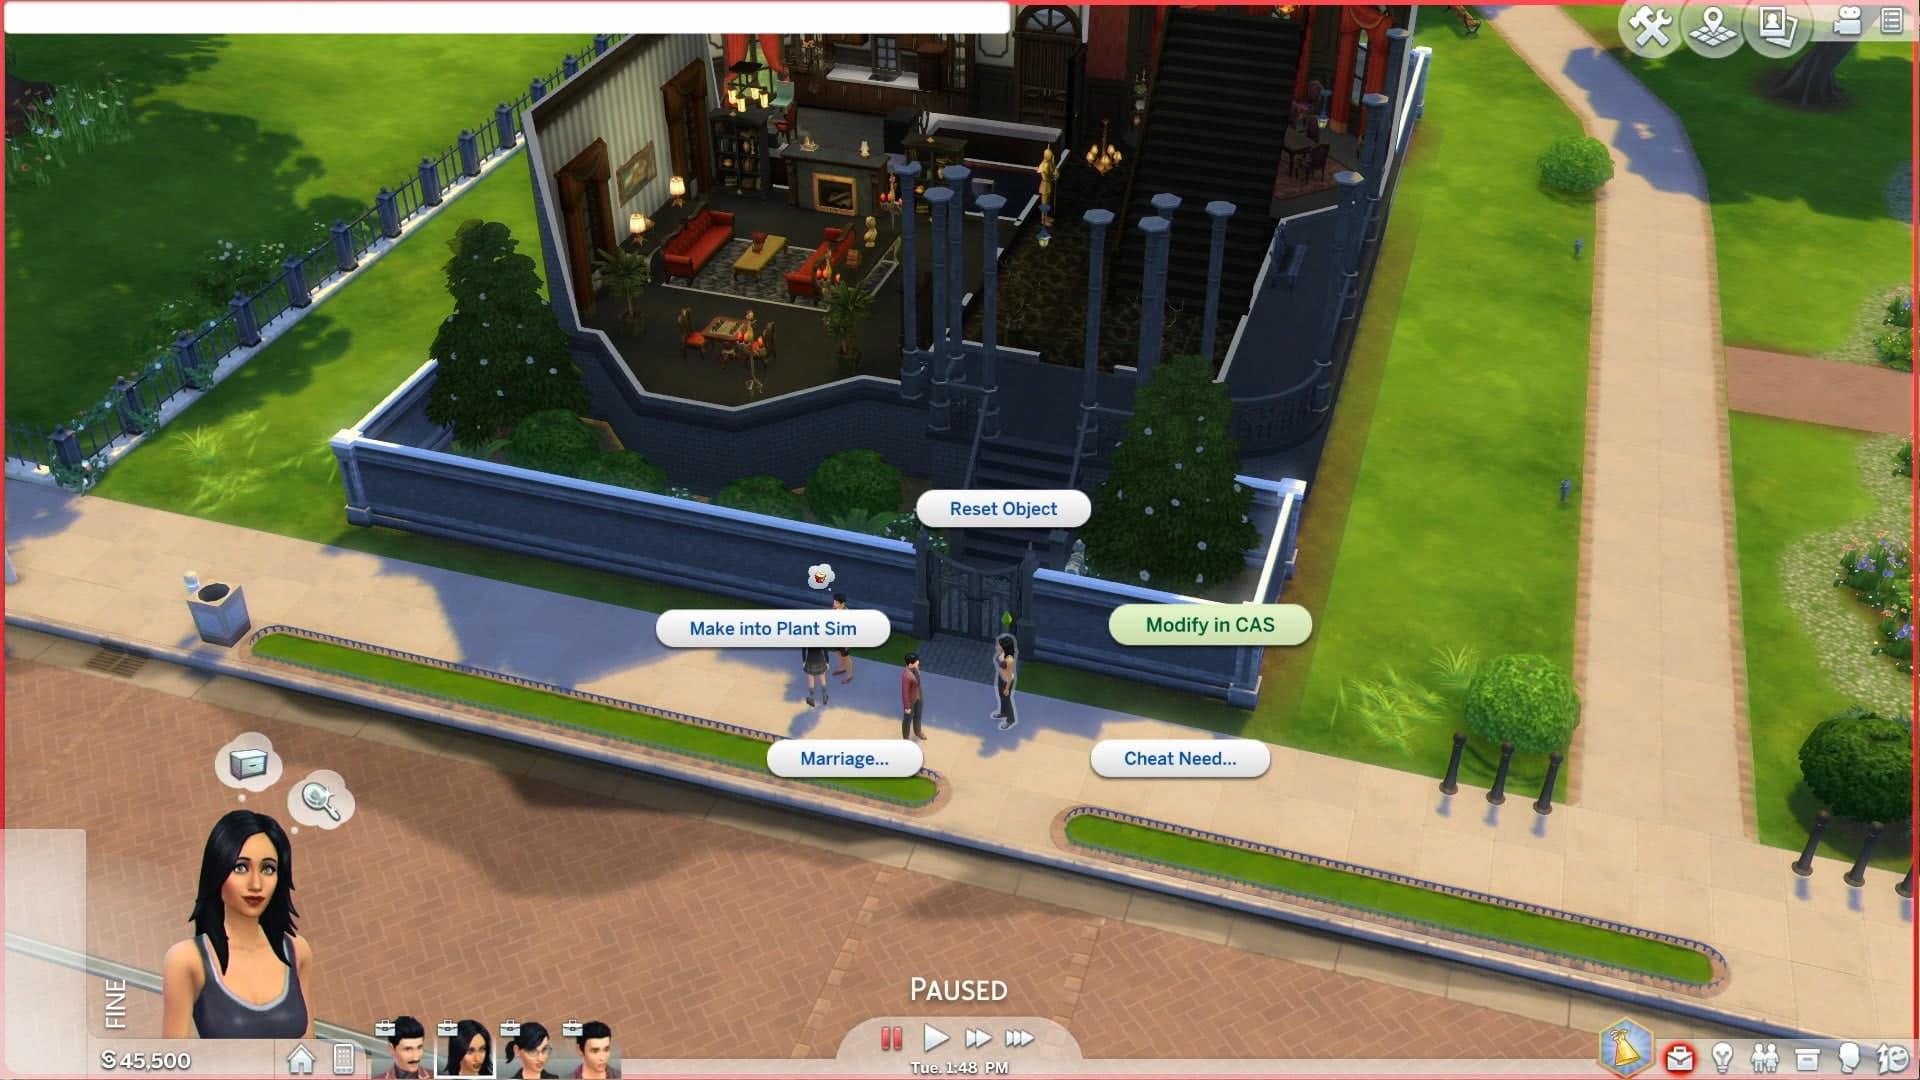 Cara-Mudah-Mengaktifkan-Cheat-The-Sims-4